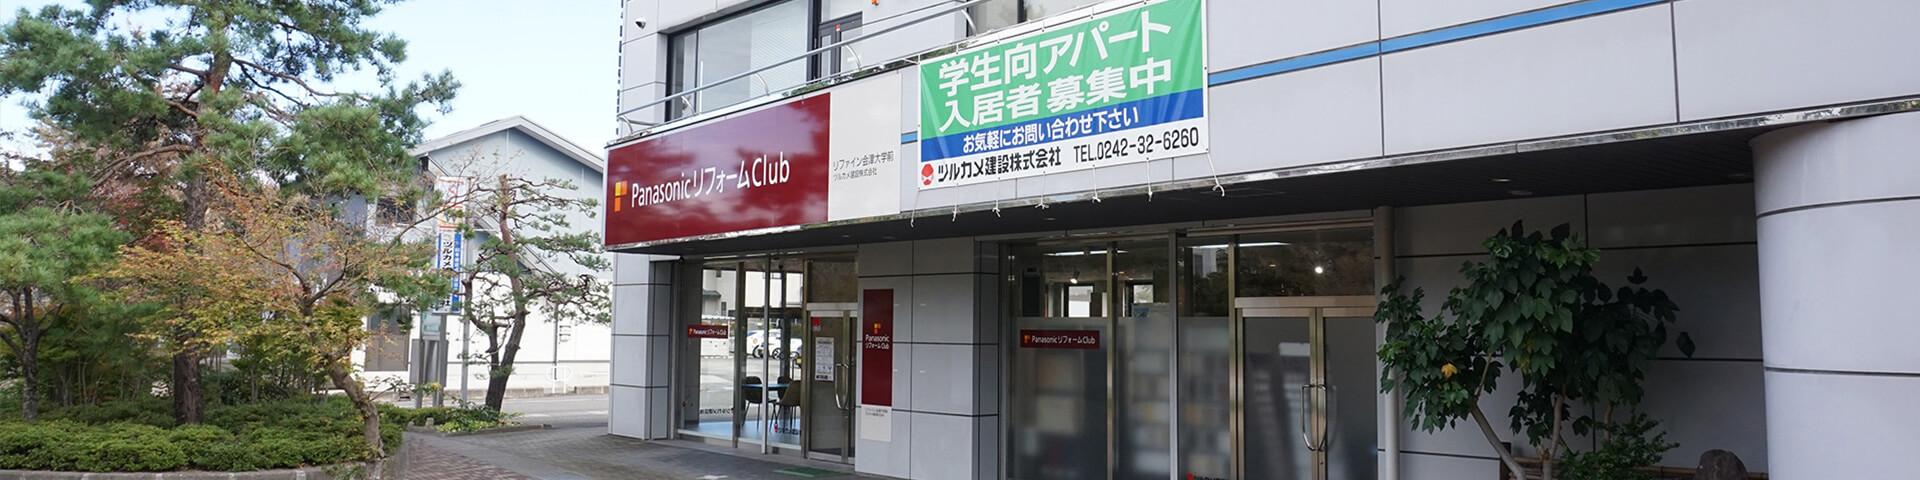 ヘッダーイメージ お知らせ・ブログ